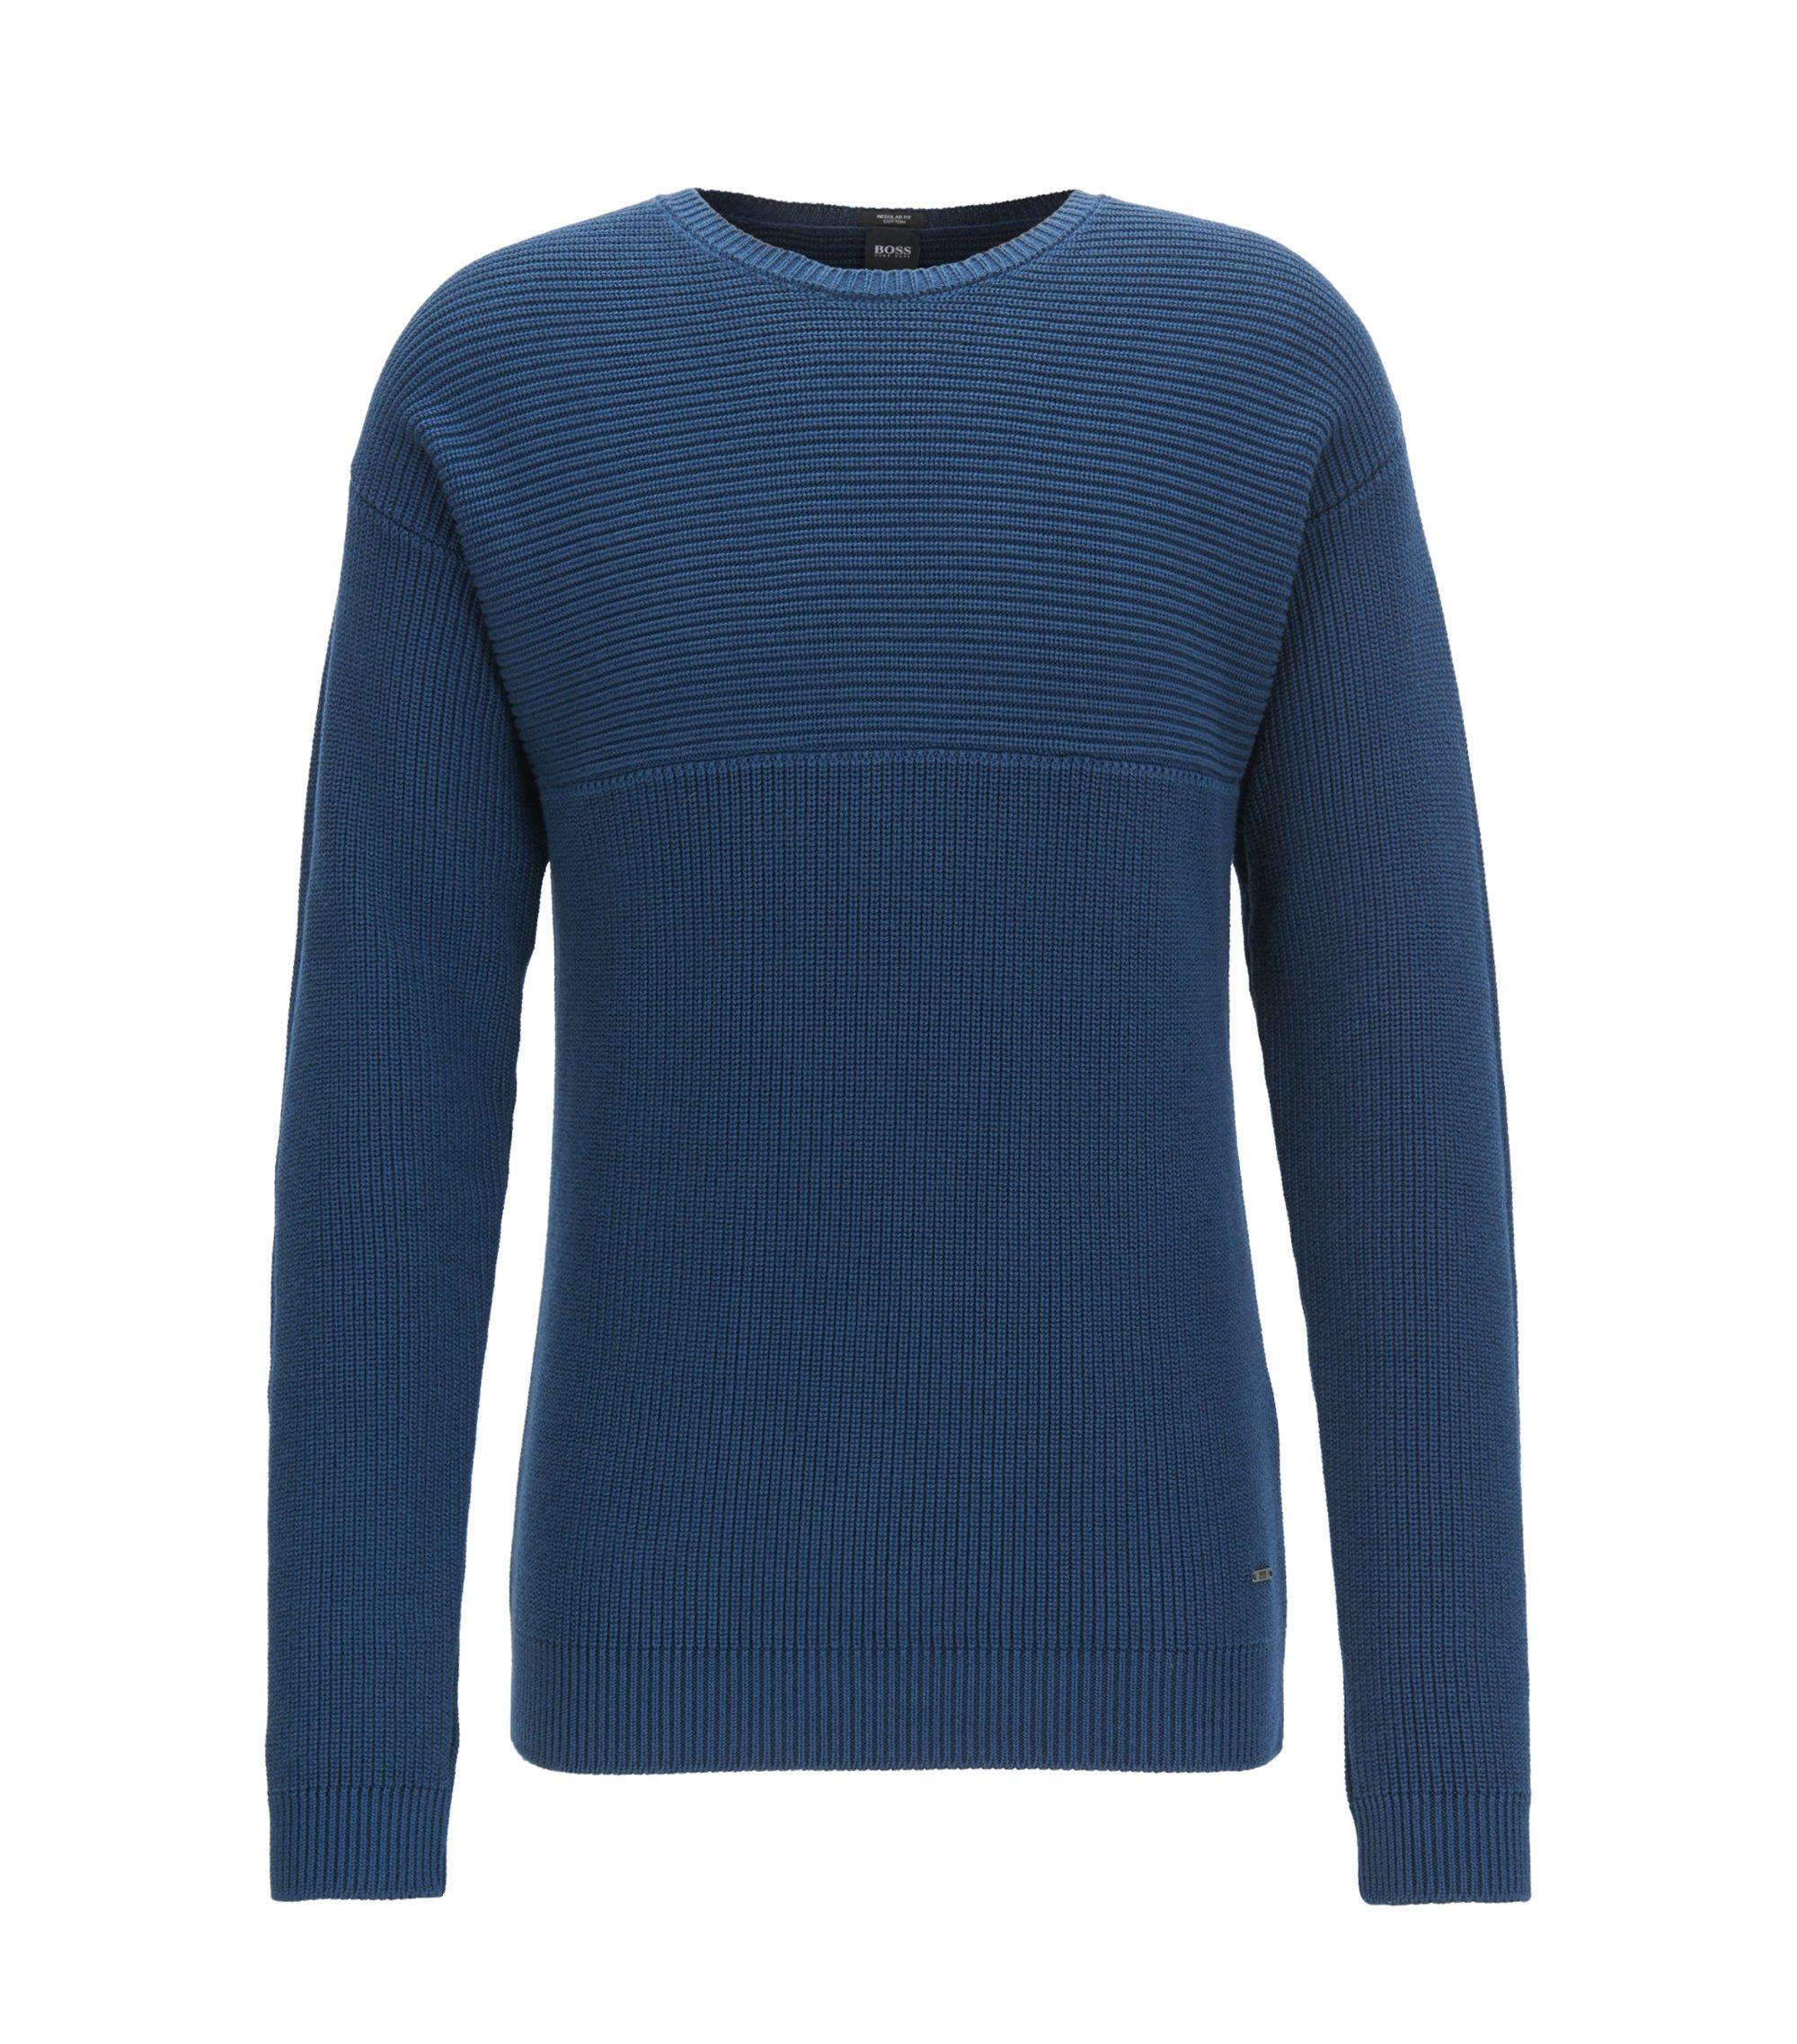 Maglione in cotone Pima in maglia a rovescio, Blu scuro